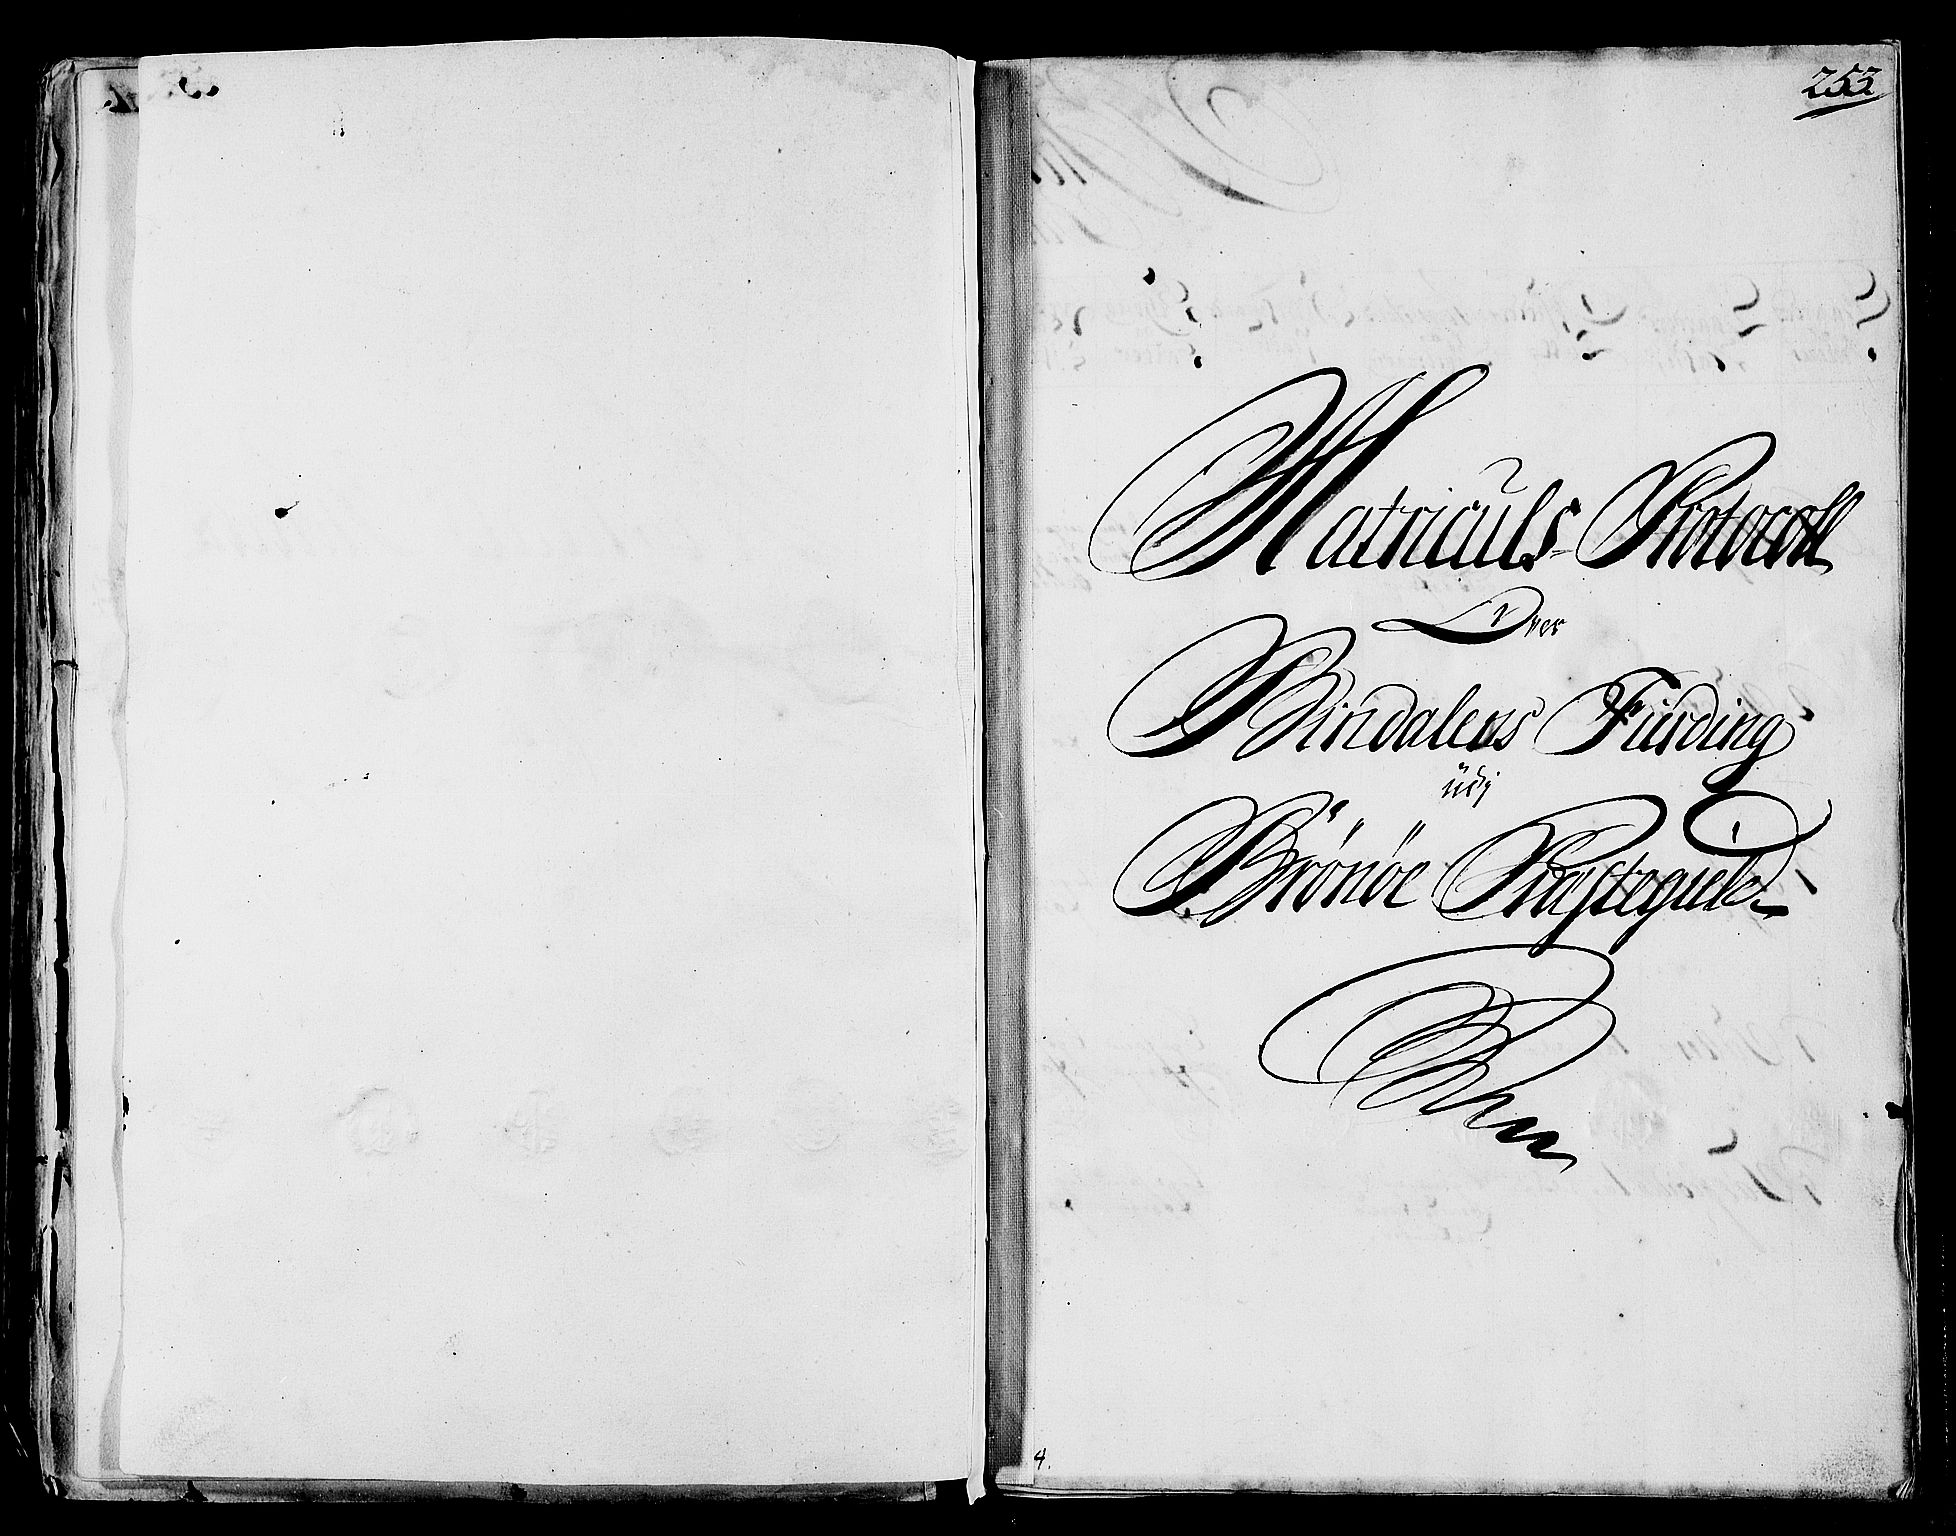 RA, Rentekammeret inntil 1814, Realistisk ordnet avdeling, N/Nb/Nbf/L0170: Helgeland eksaminasjonsprotokoll, 1723, s. 252b-253a